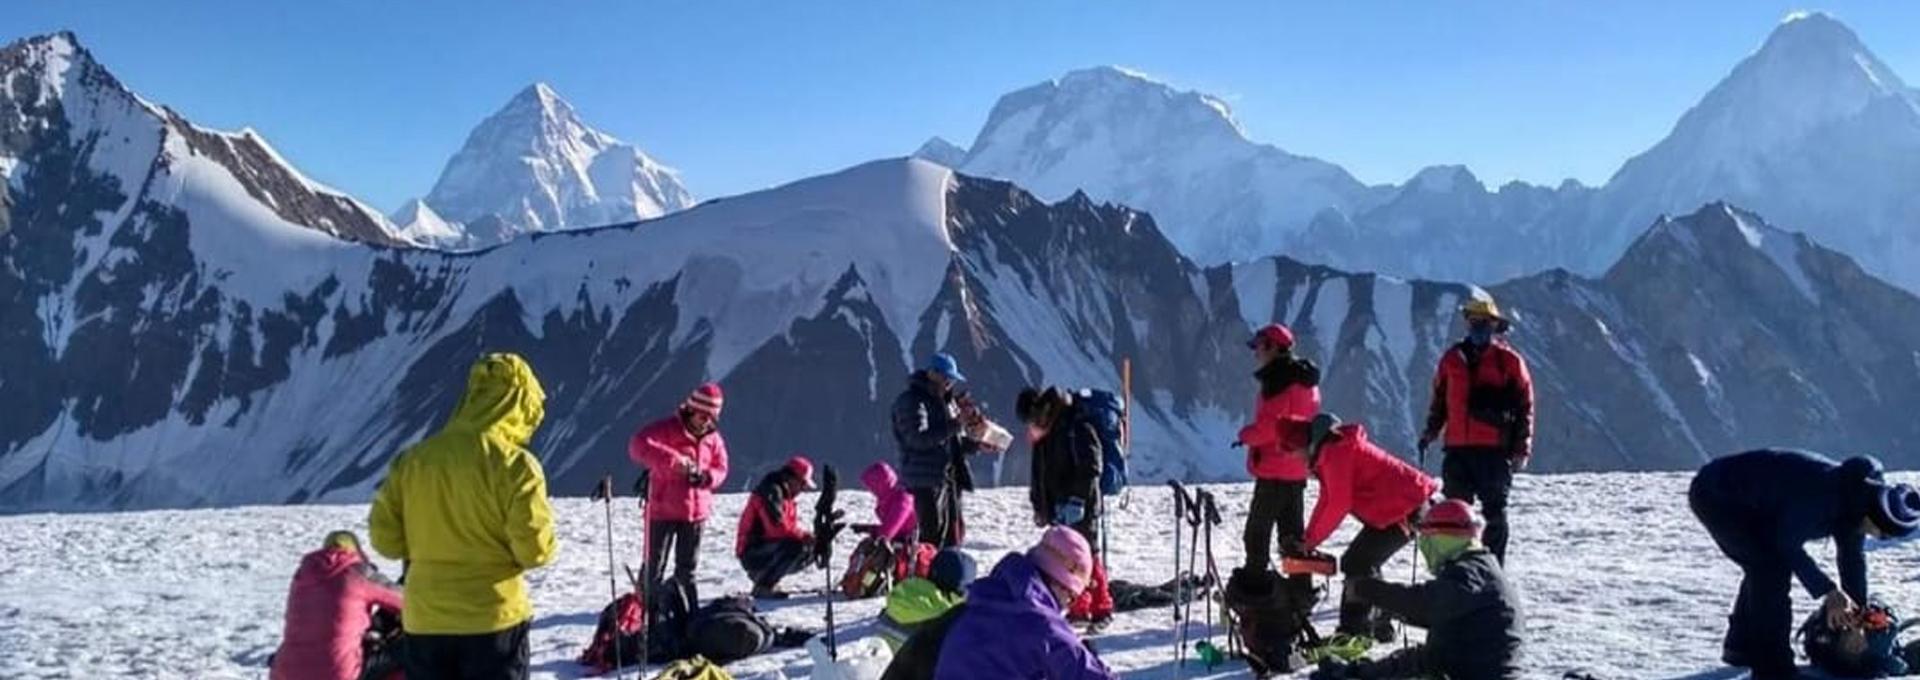 Trekking in Pakistan-adventurekings